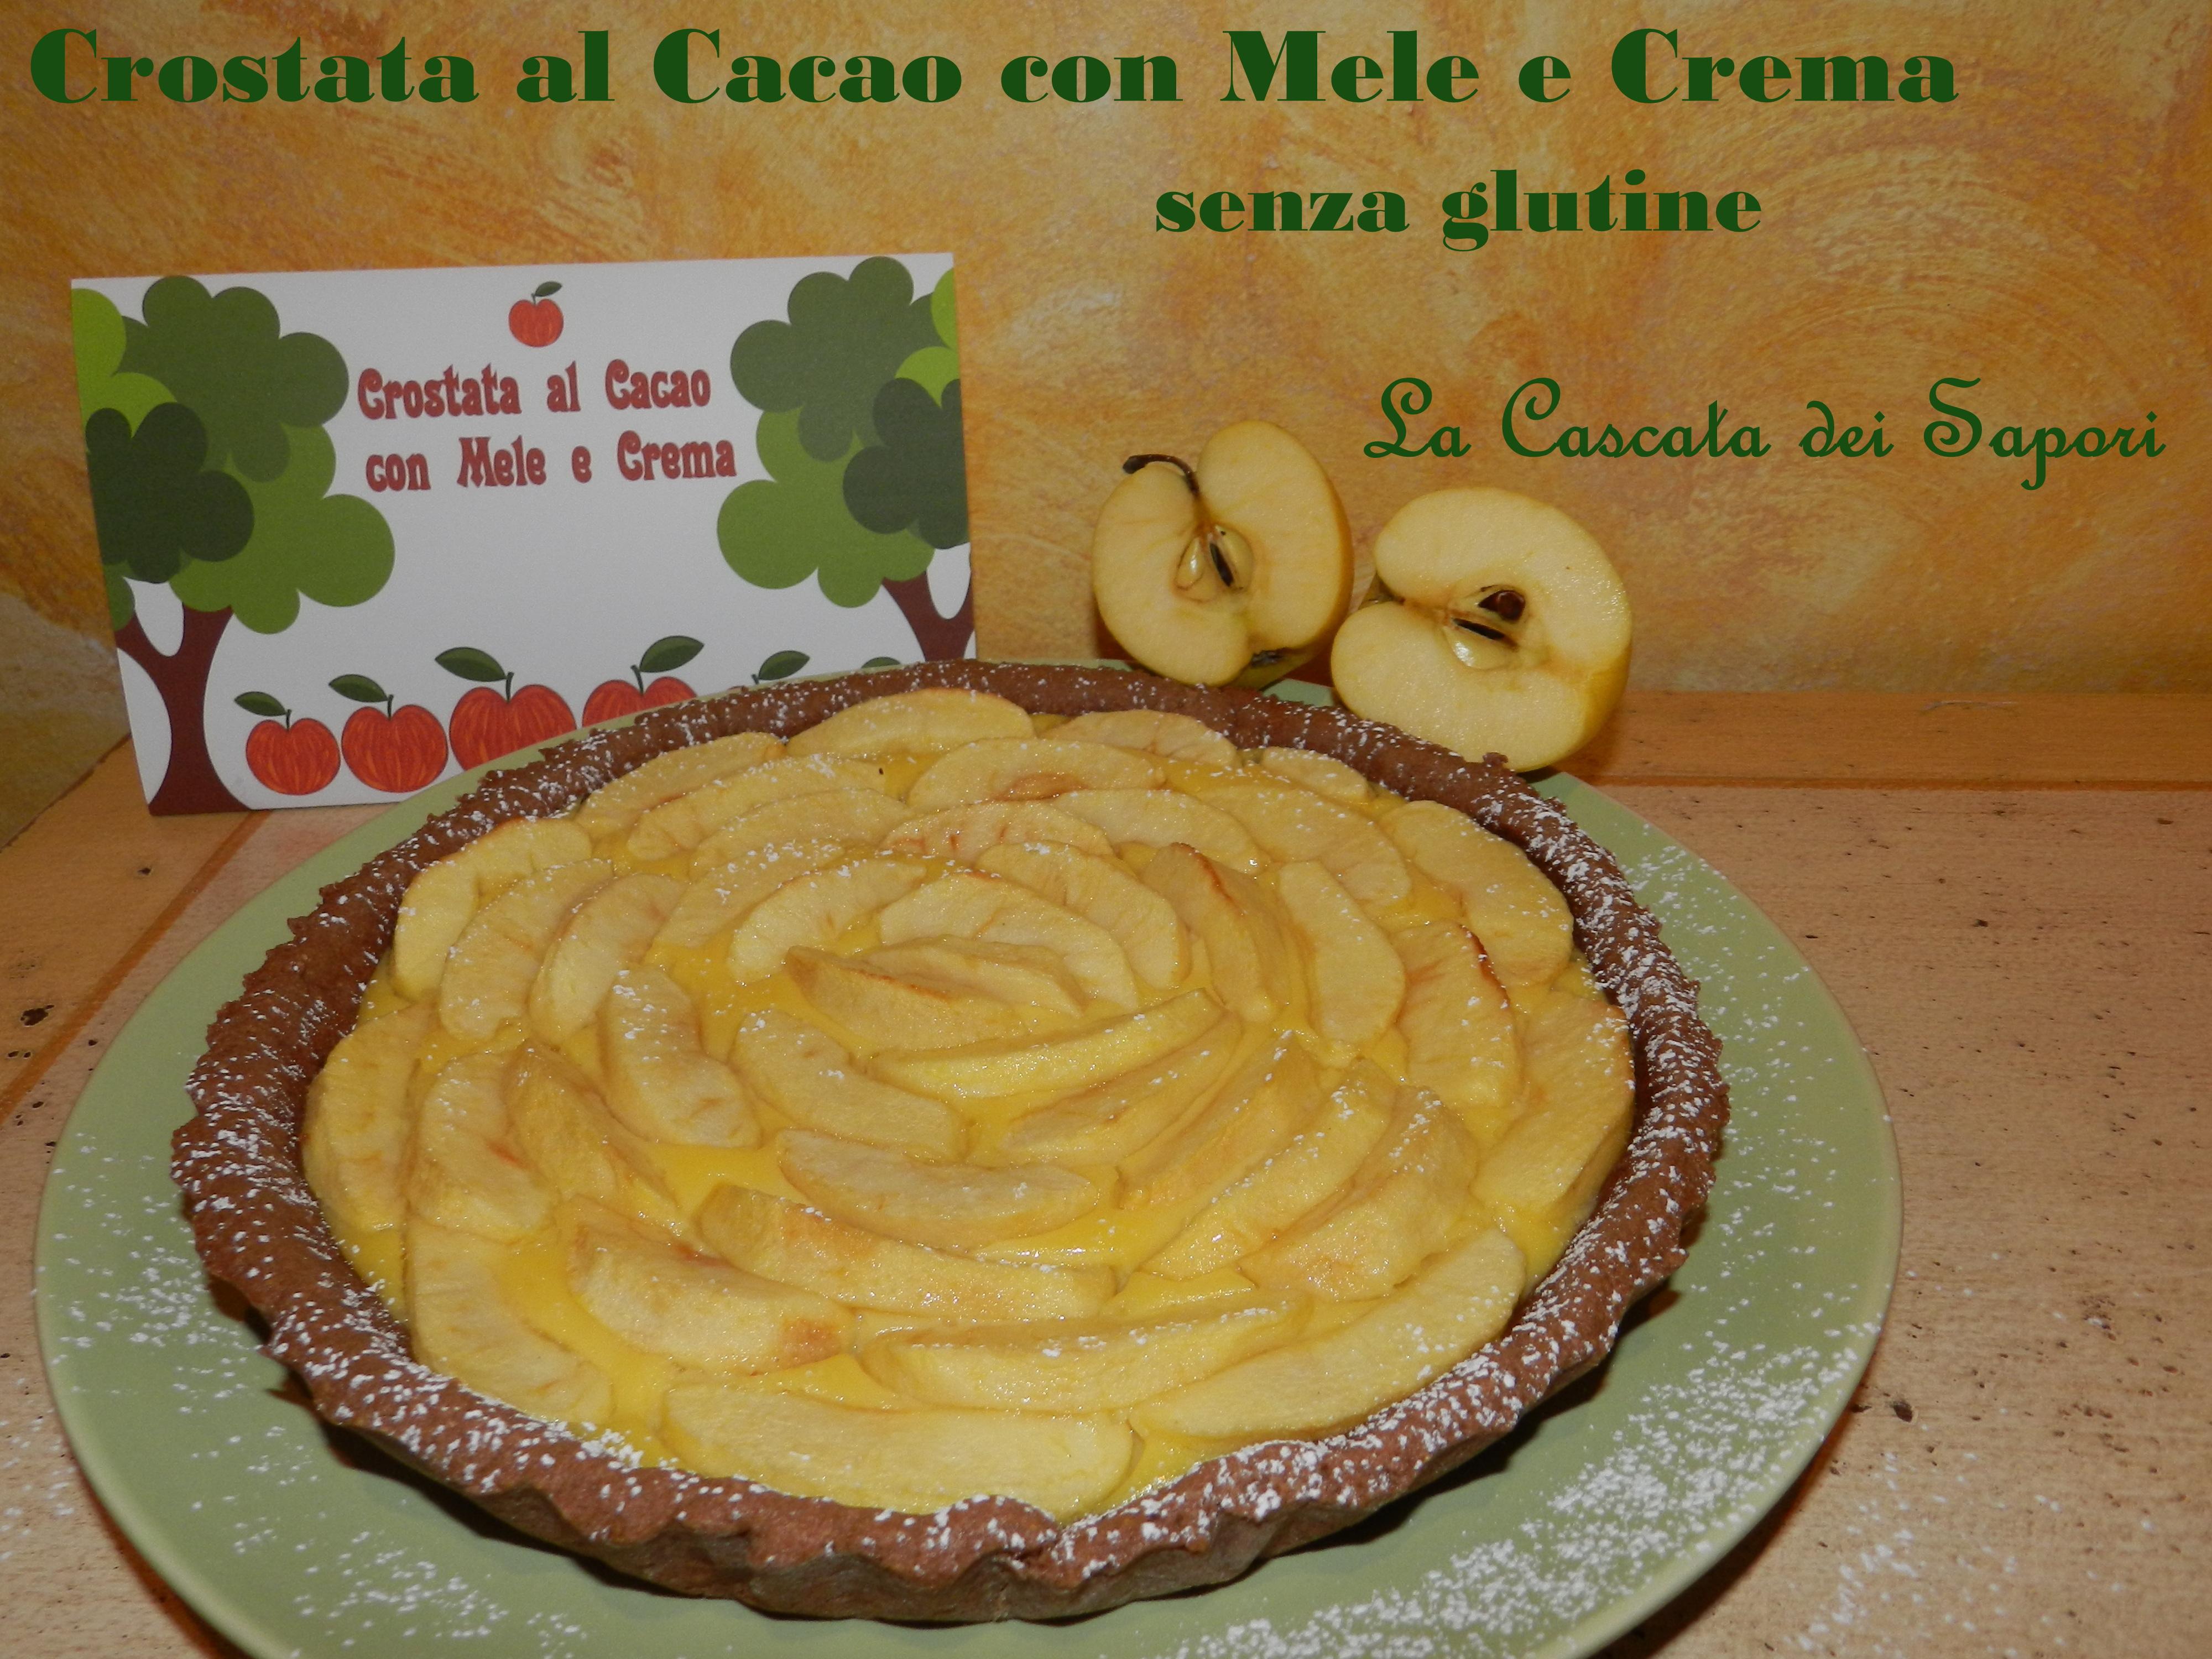 Crostata al cacao con mele e crema 3